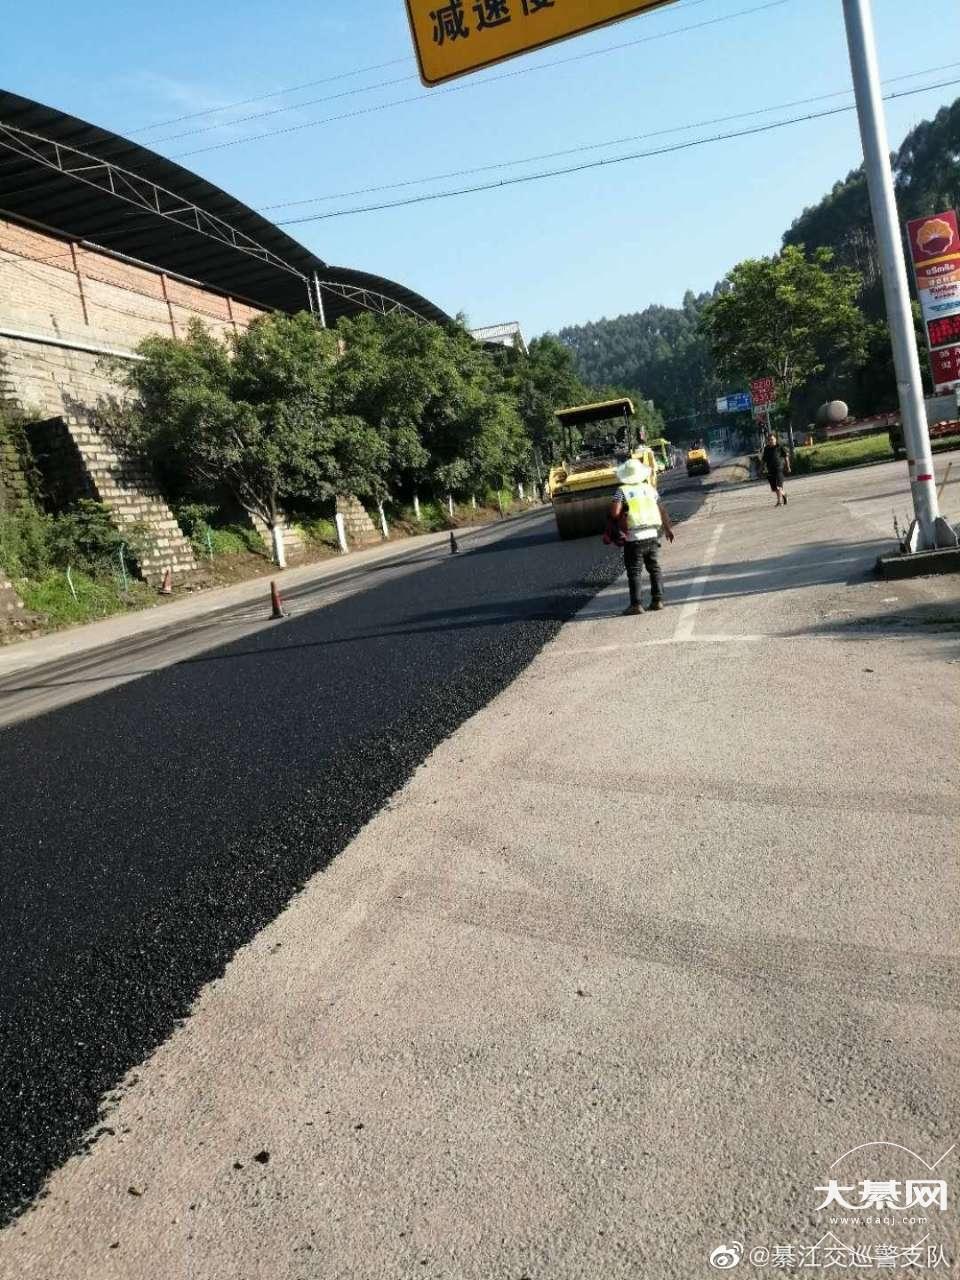 綦江雷神店下道口道路施工,铺设路面,实行交通管制